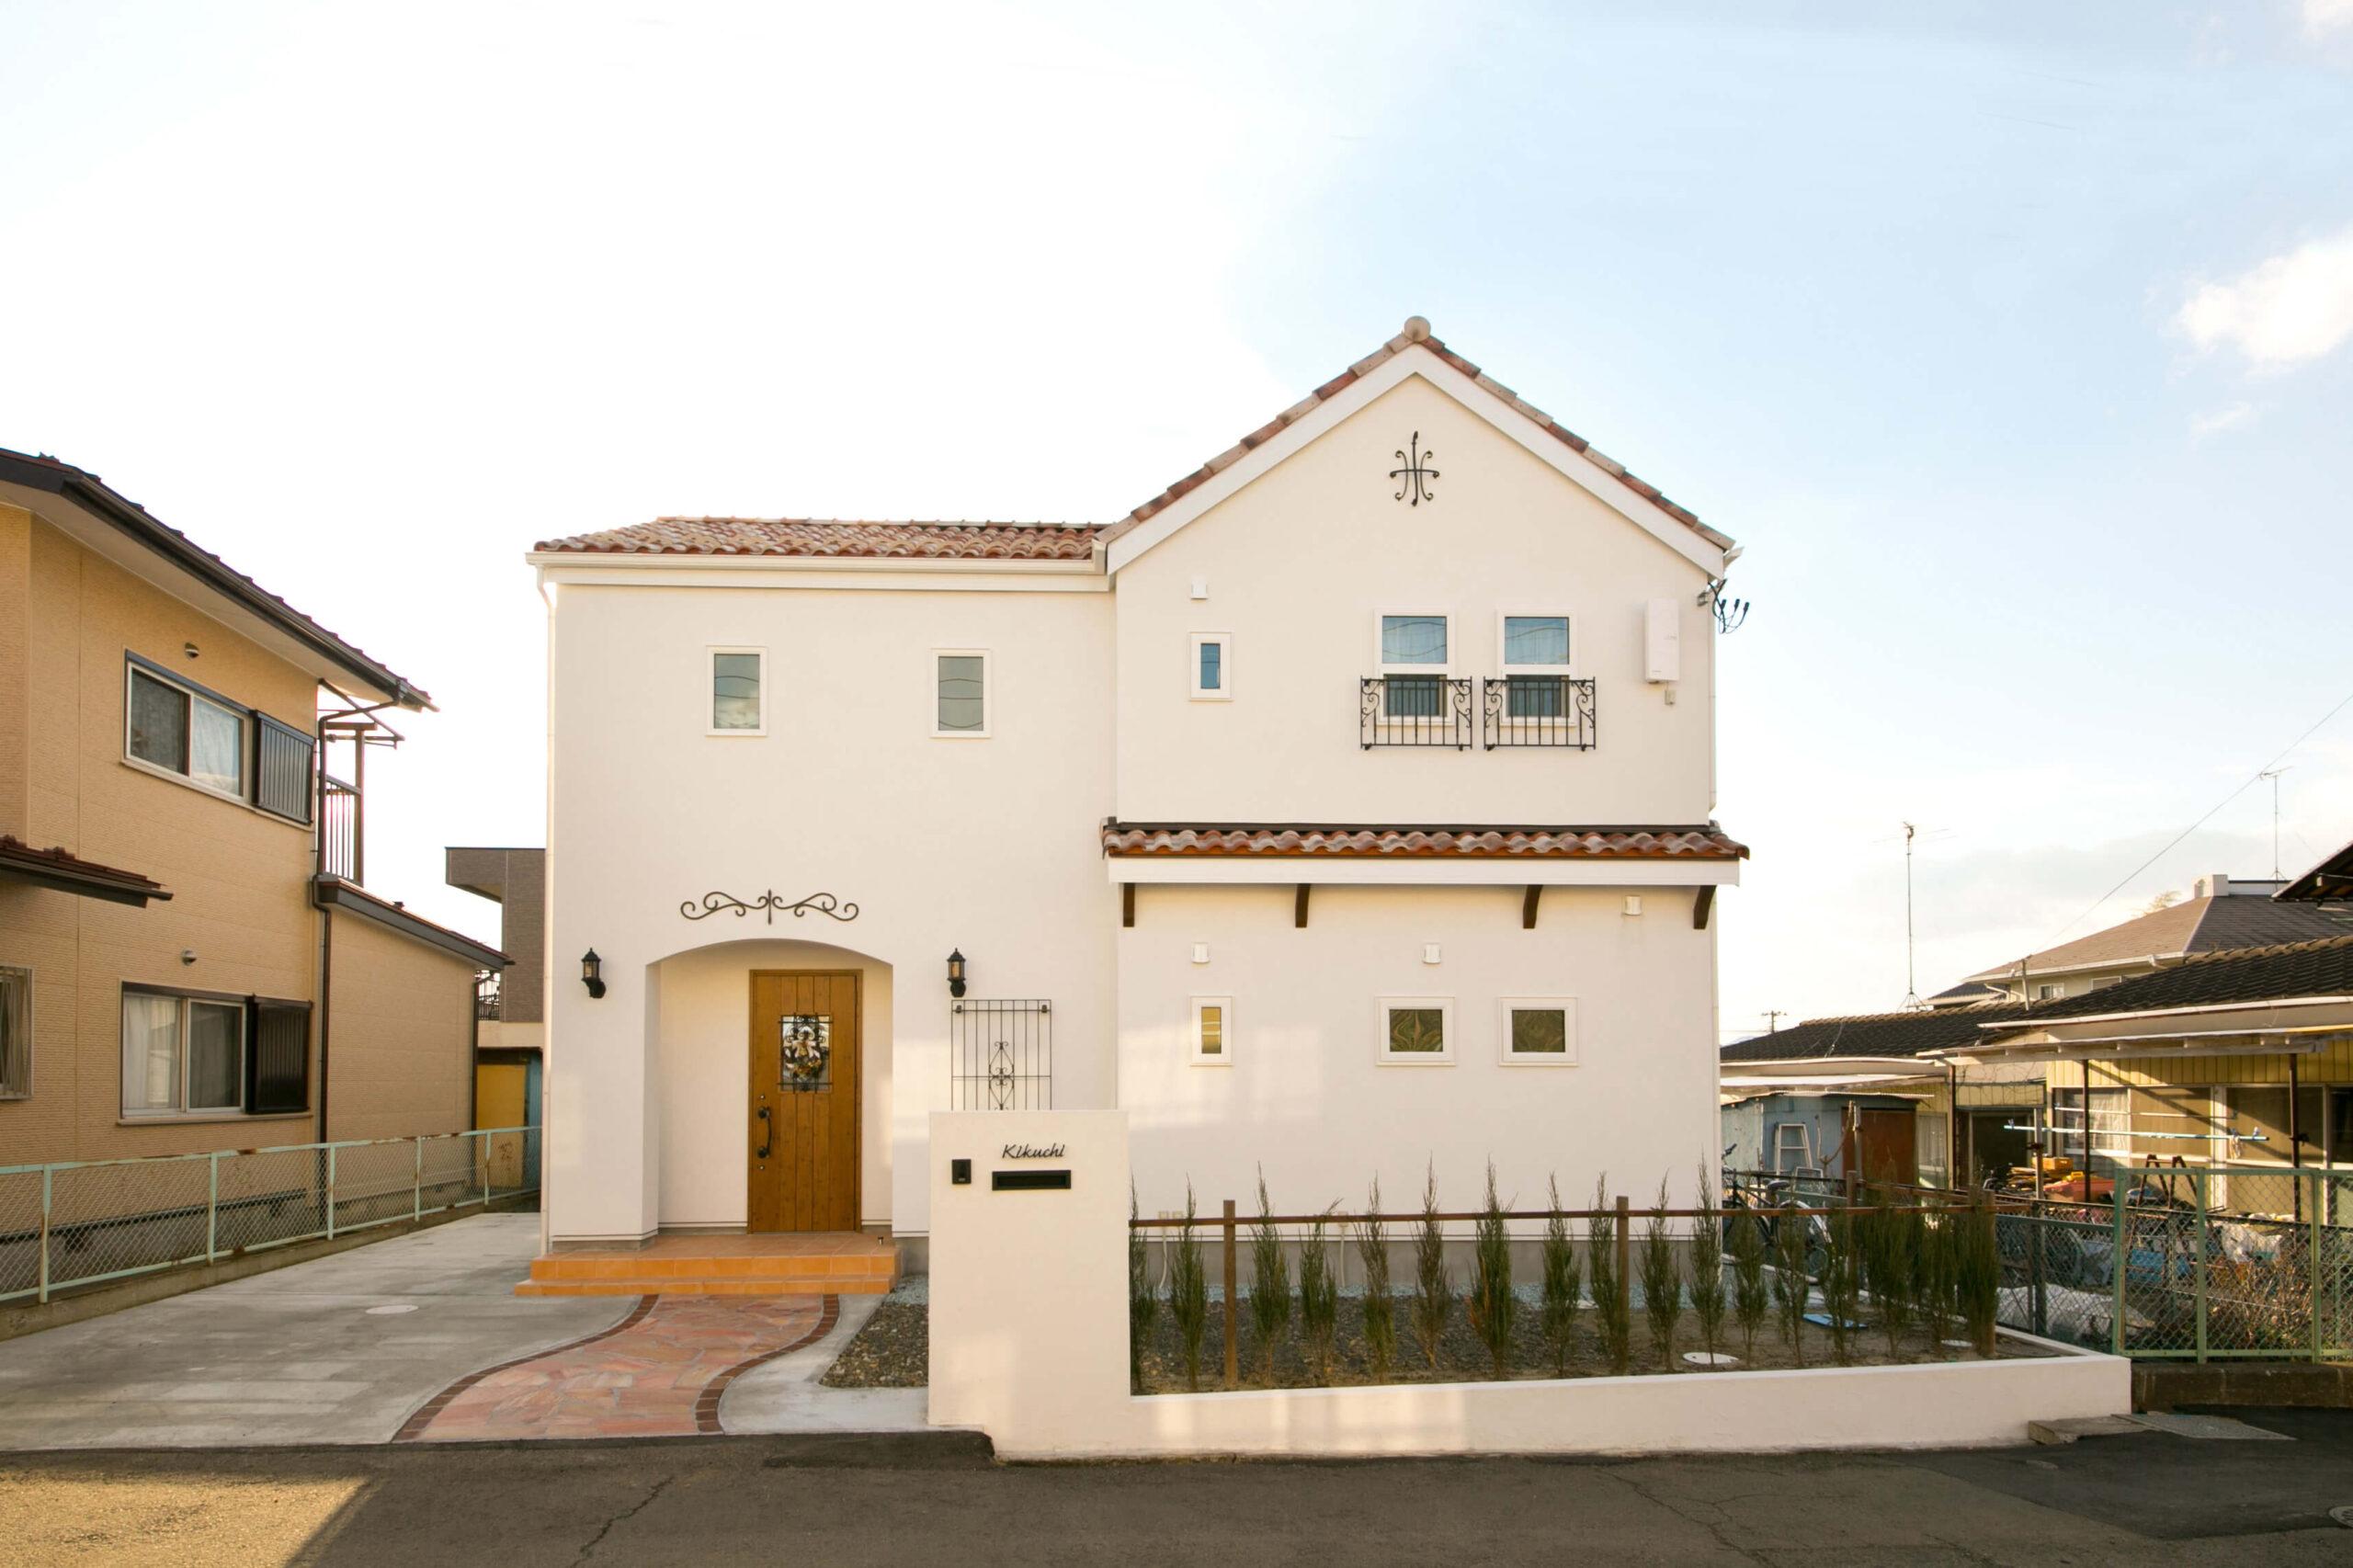 塗り壁のフレンチスタイルのかわいい家